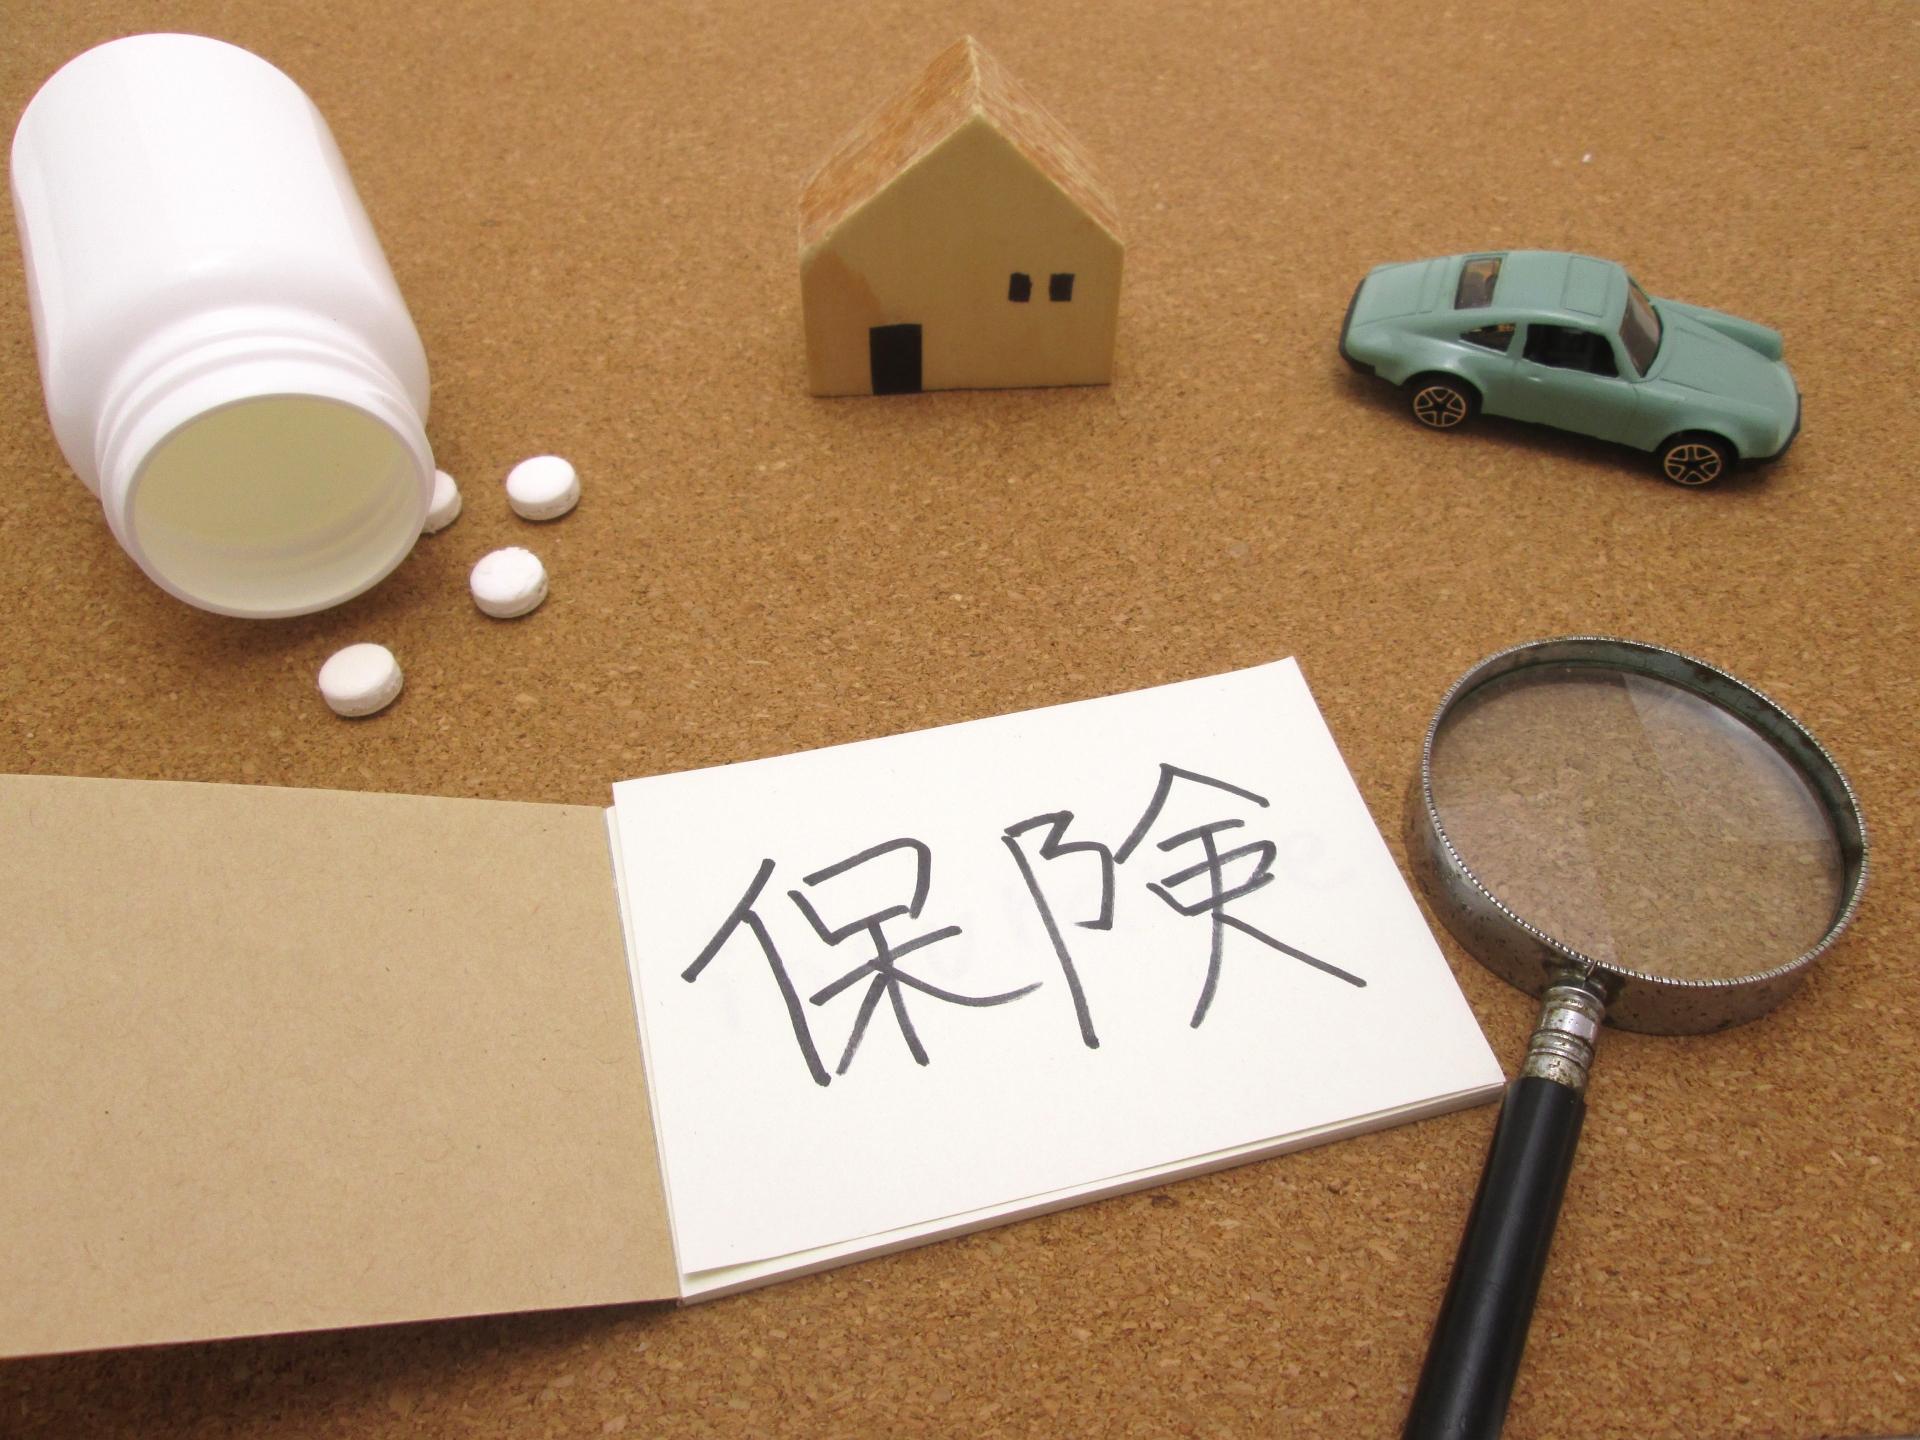 わが家に必要な保険